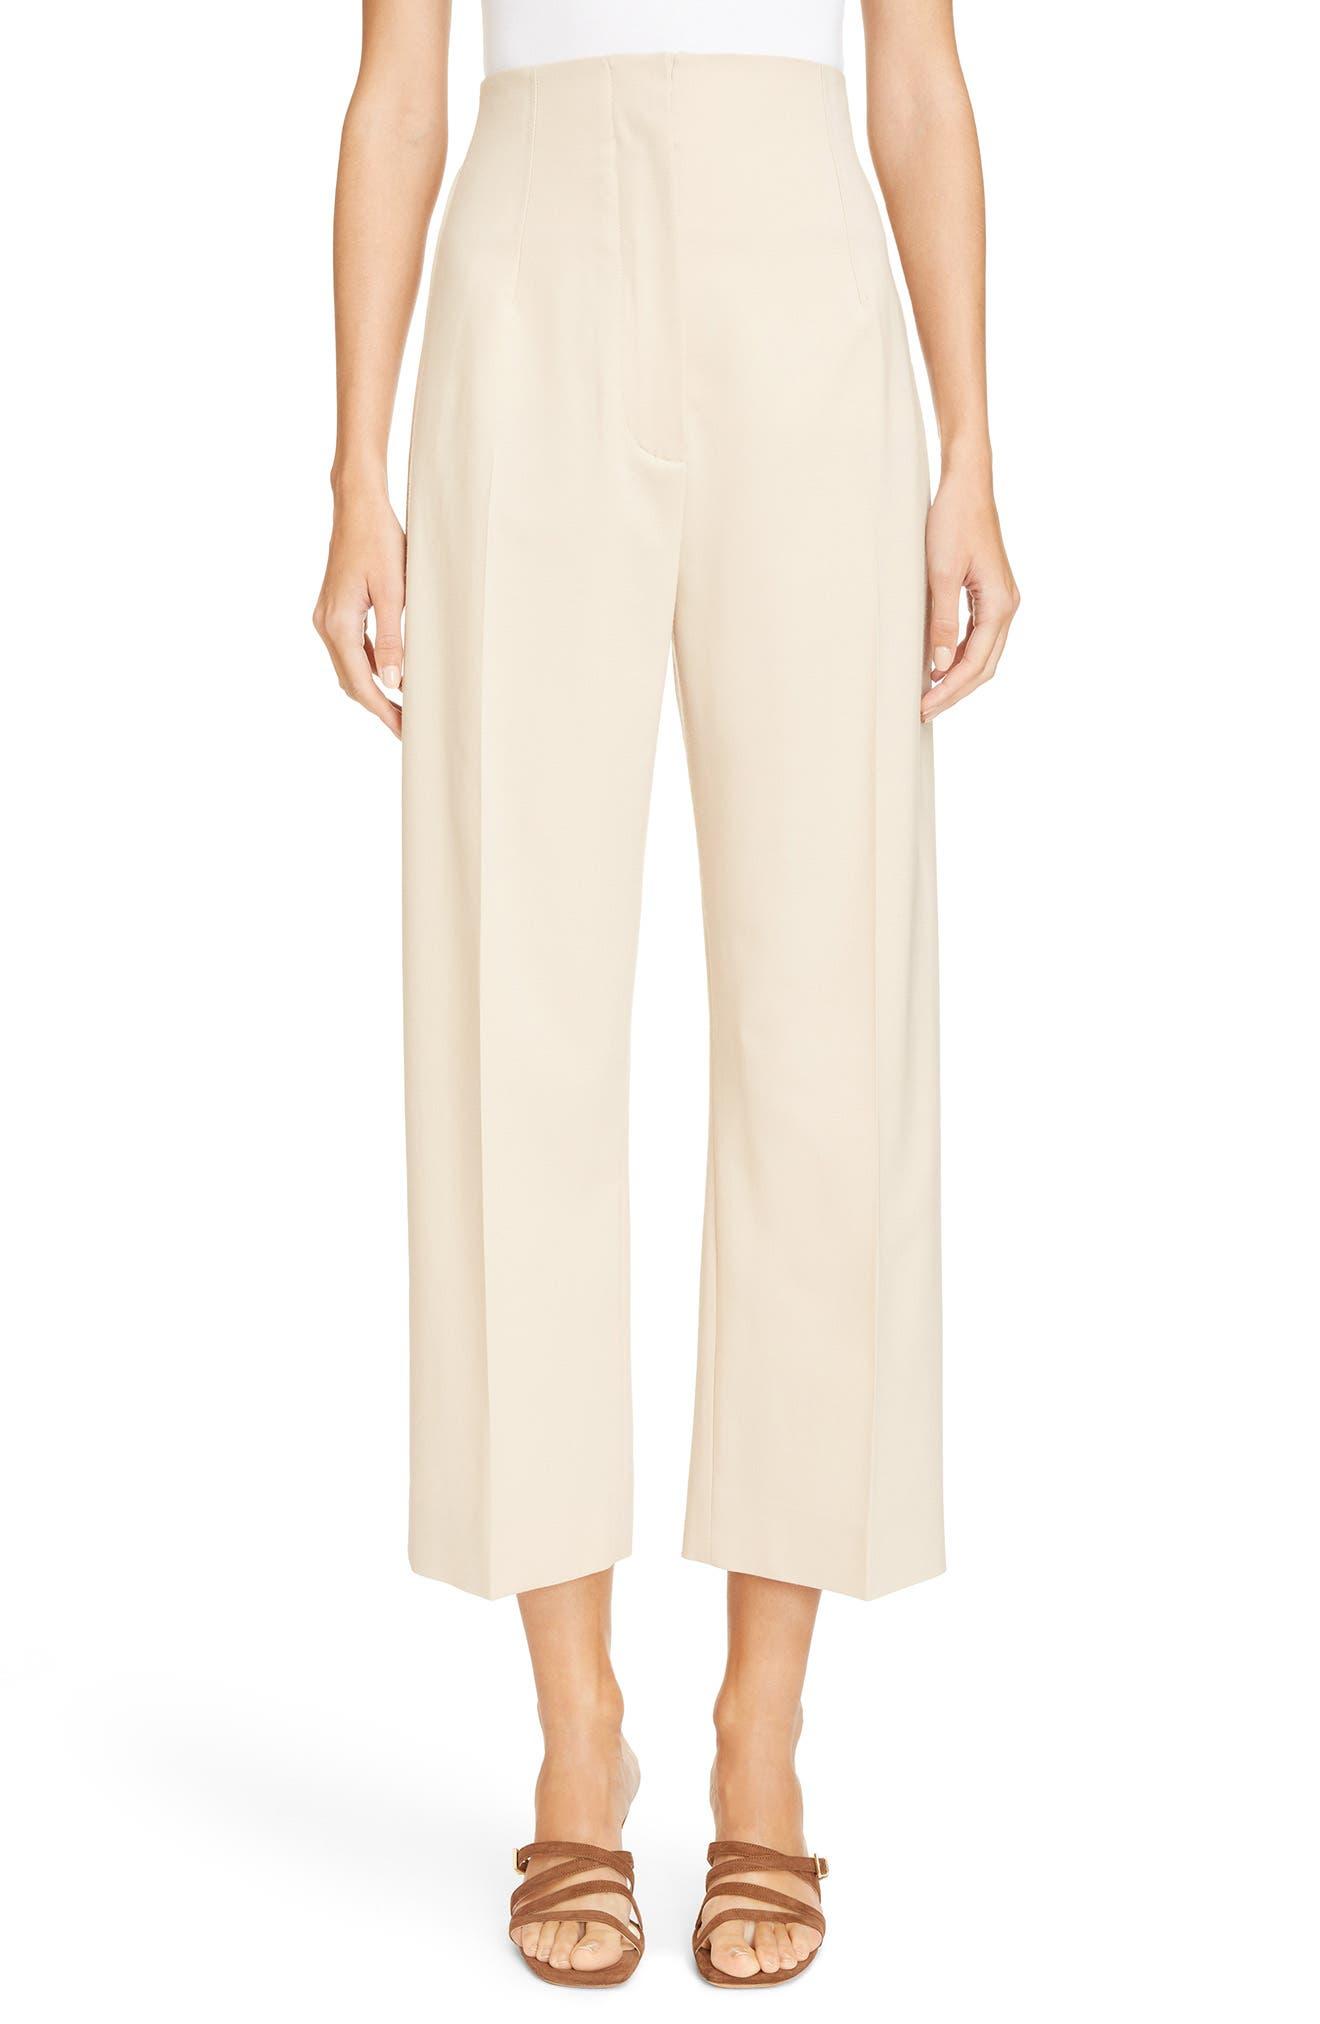 Le Pantalon Droit High Waist Crop Pants,                         Main,                         color, 250